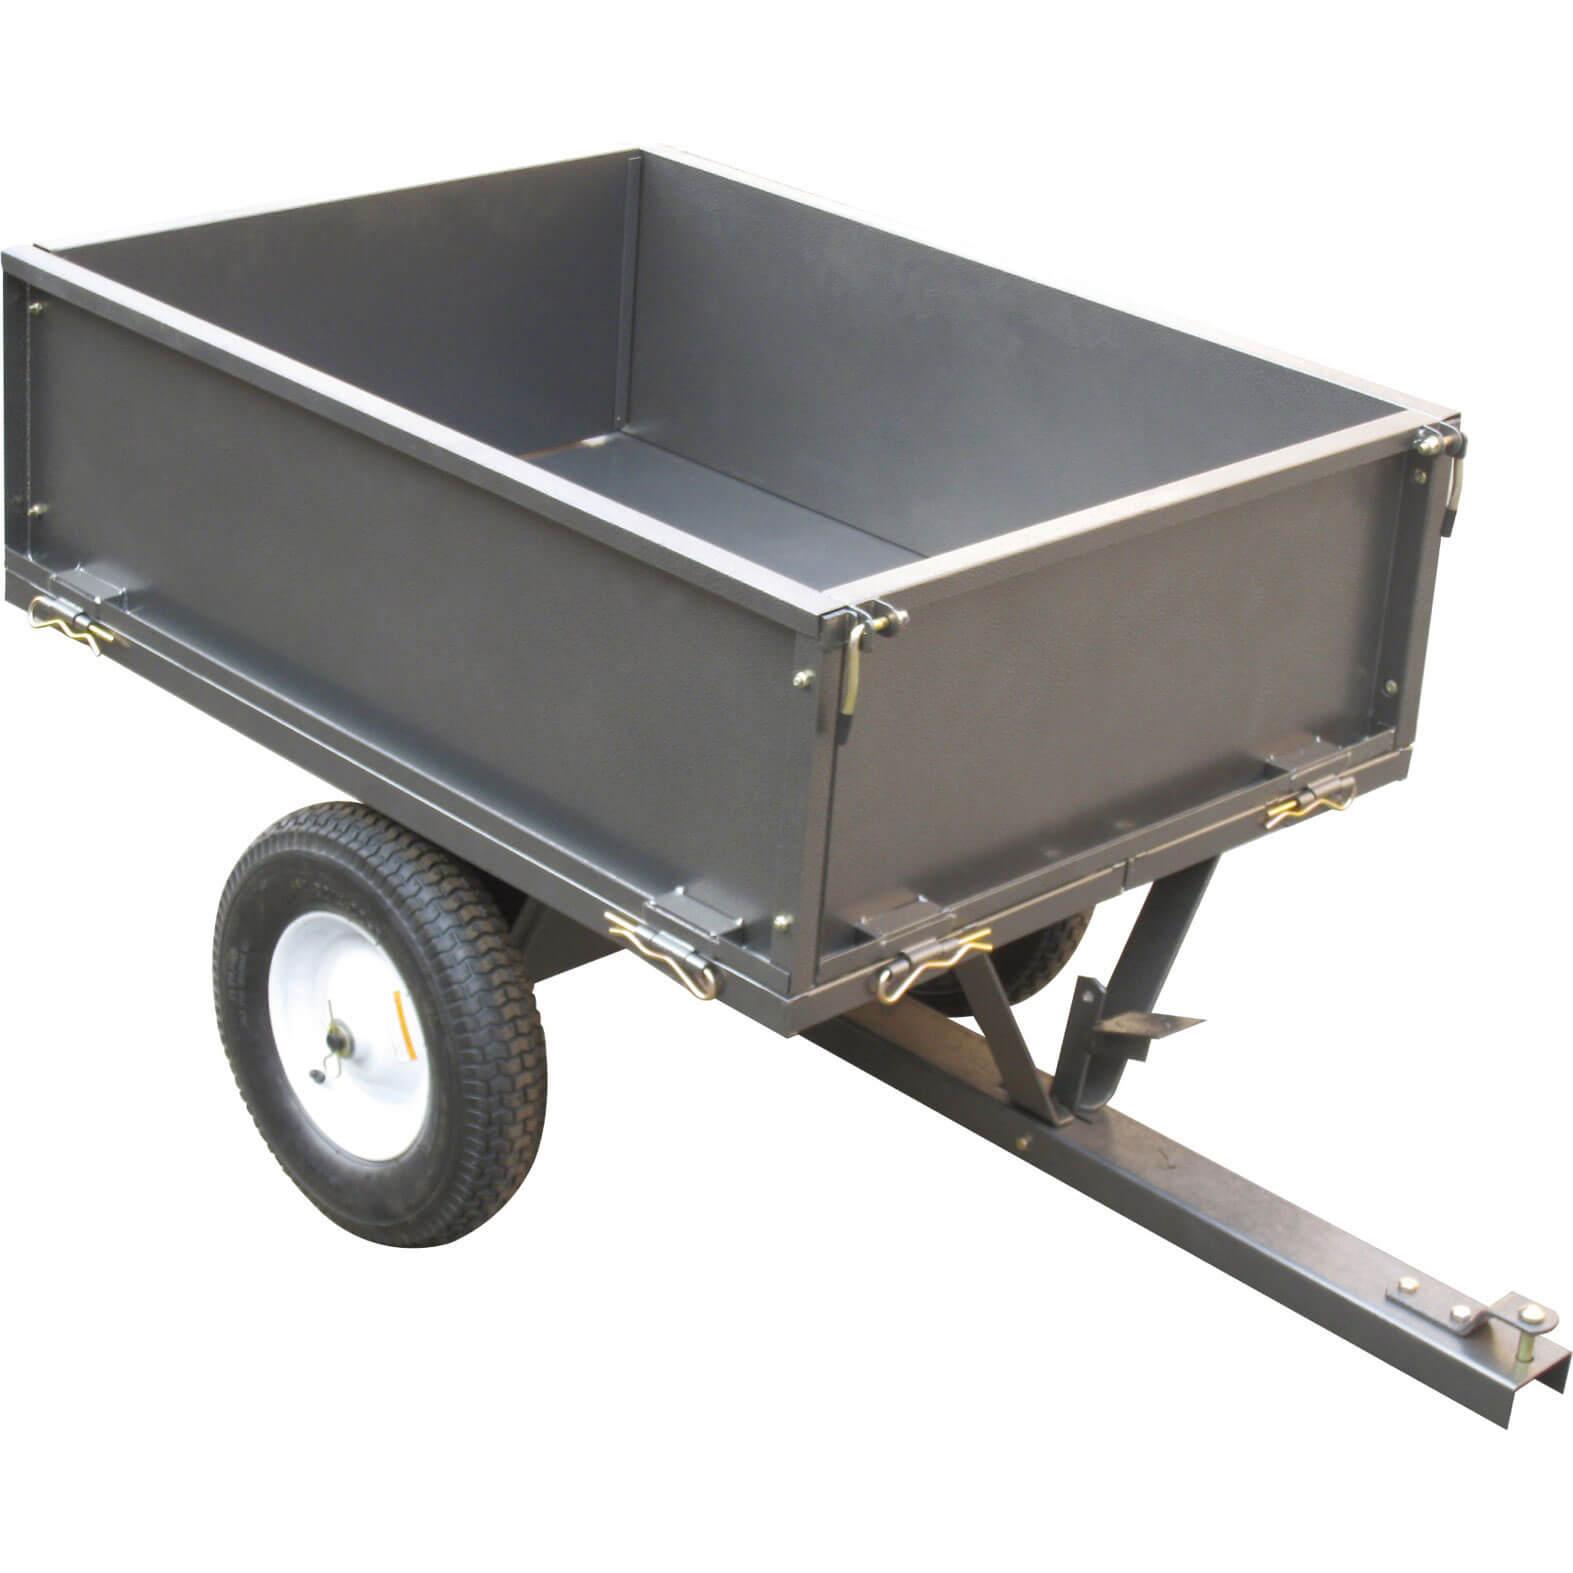 Handy GT500-A Steel Garden Towable Dump Cart 227kg Capacity